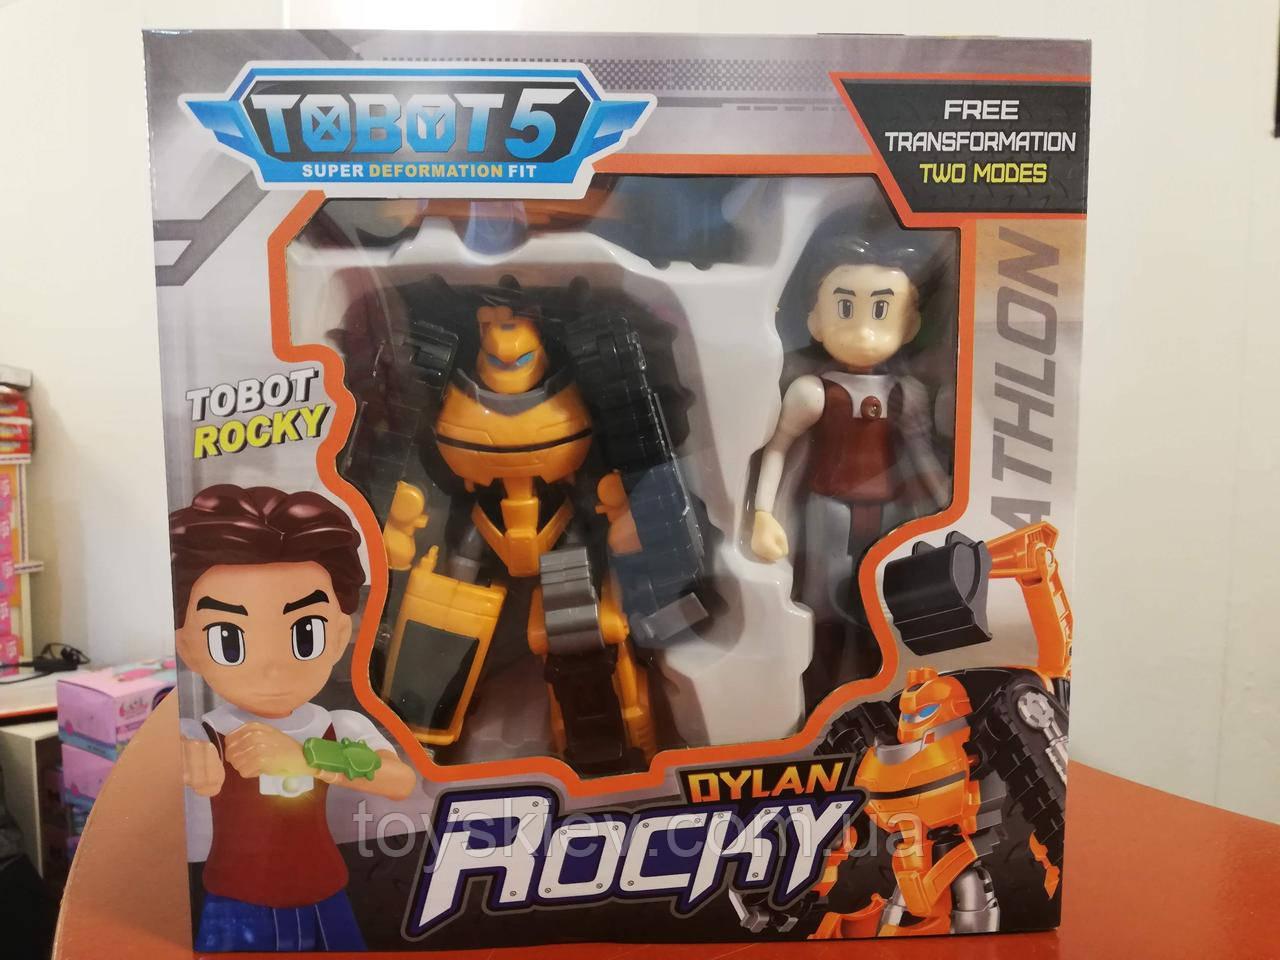 Трансформер робот Тобот мини, Tobot Роки Rocky и Dylan 2 серия